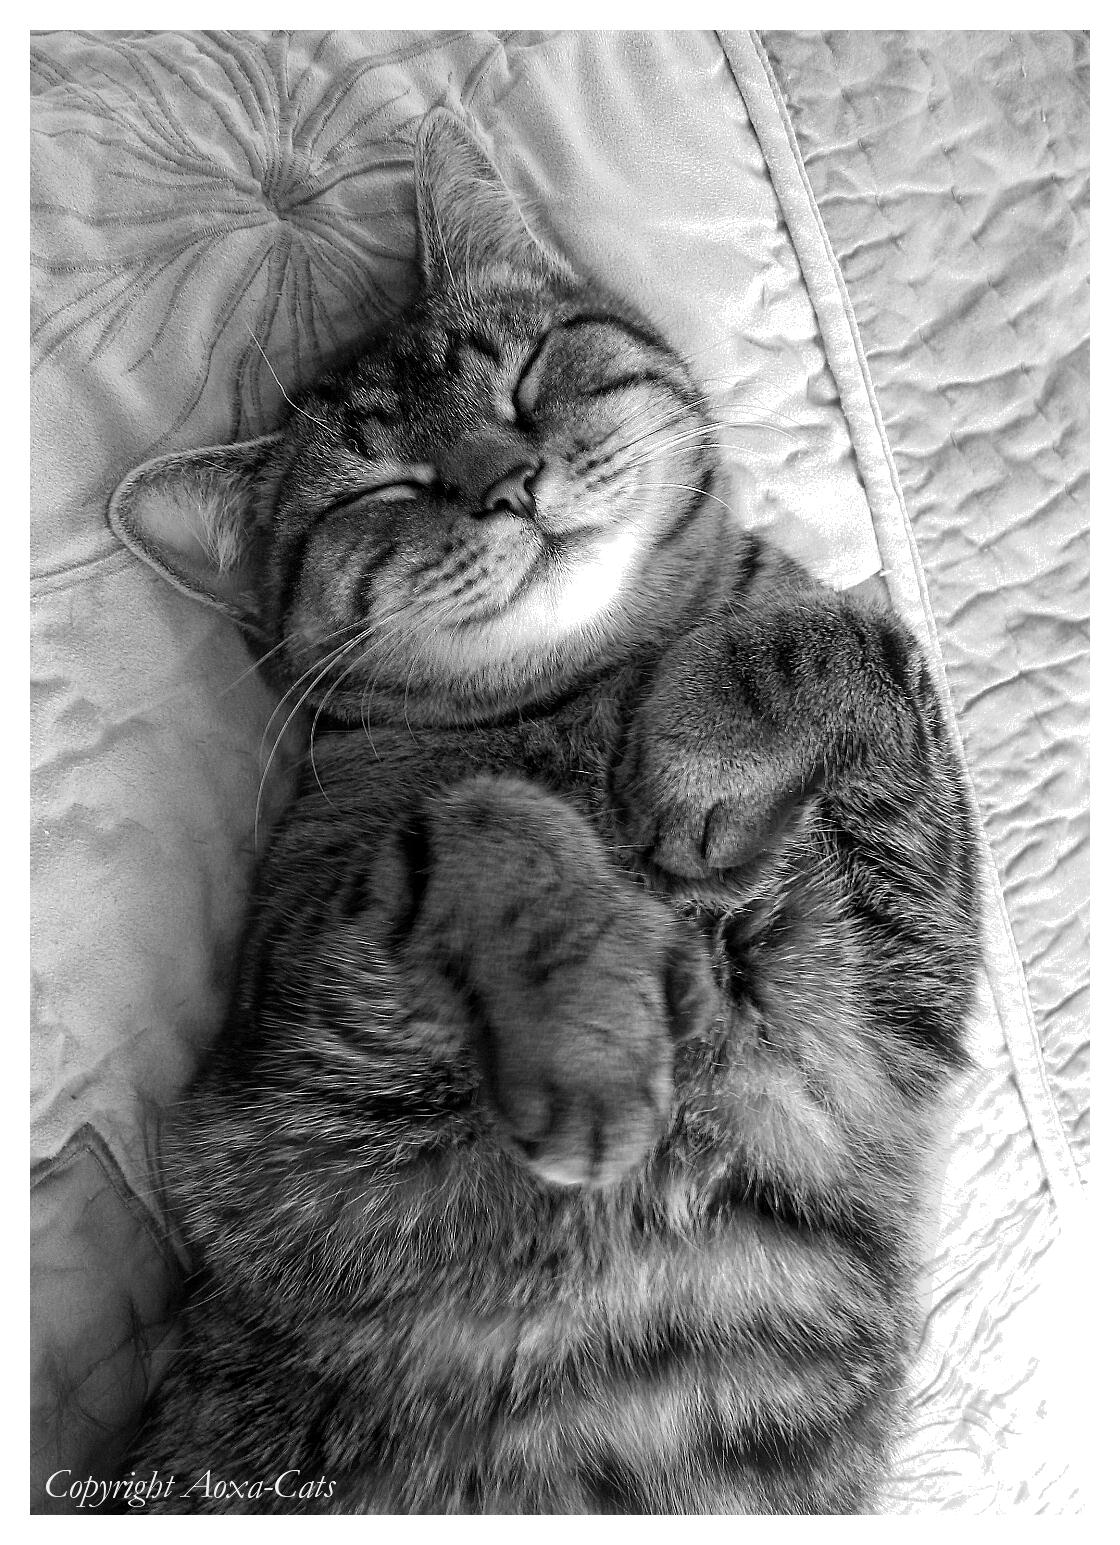 http://fc07.deviantart.net/fs41/f/2009/022/8/2/Heart_Breaking_Smile_by_Aoxa_Cats.jpg